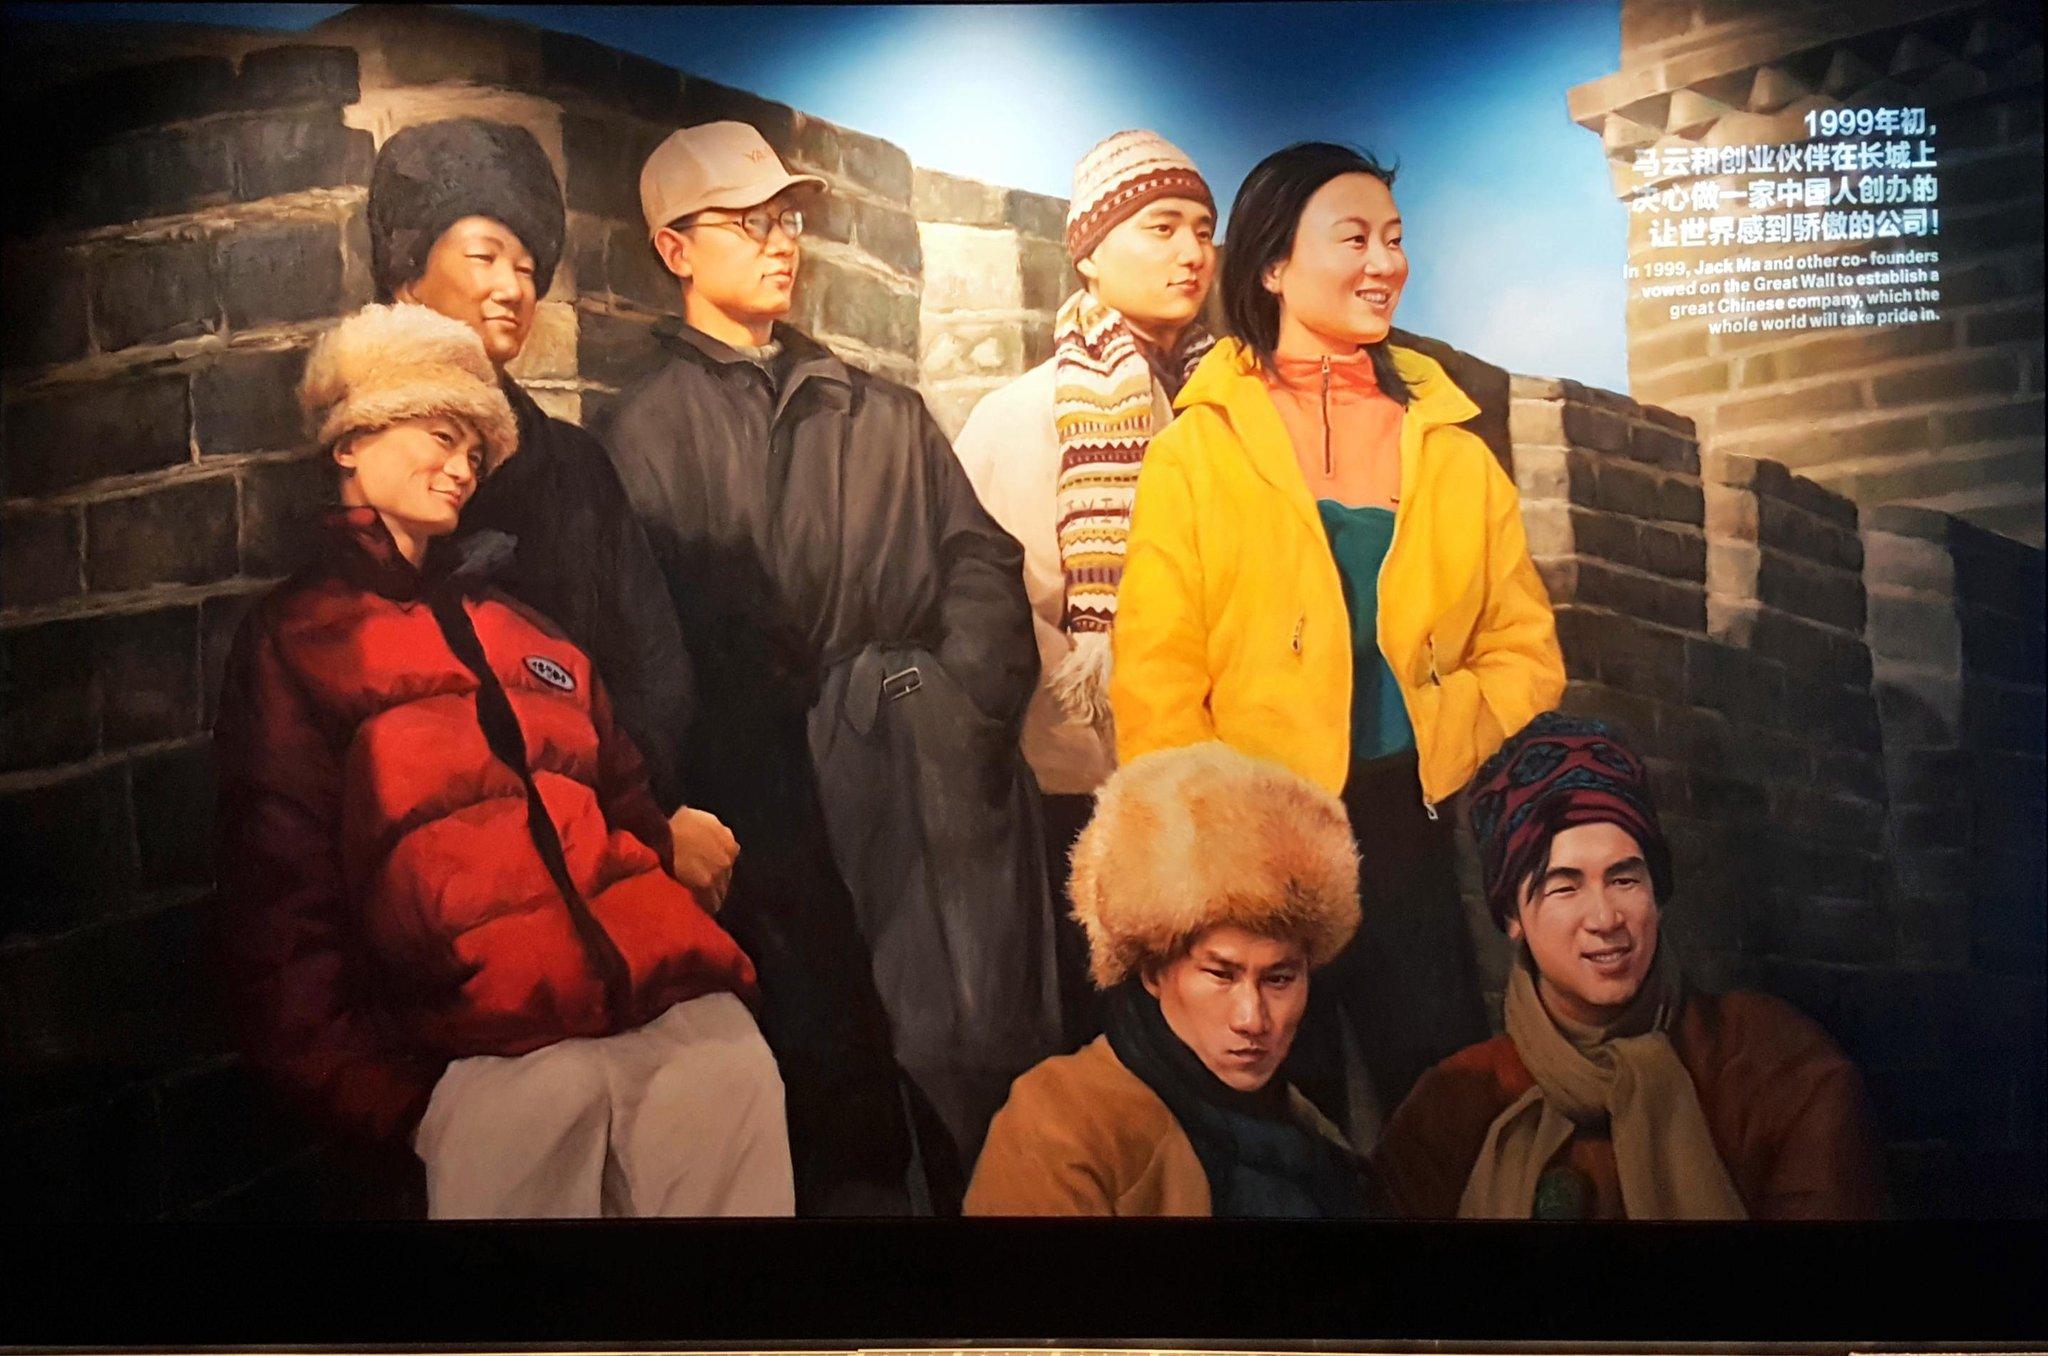 Poltak Hotradero @hotradero Sep 11 Replying to @hotradero Sejarah Alibaba dimulai dari kunjungan ke Great Wall tahun 1999. Bisa ditebak kan Jack Ma yang mana?